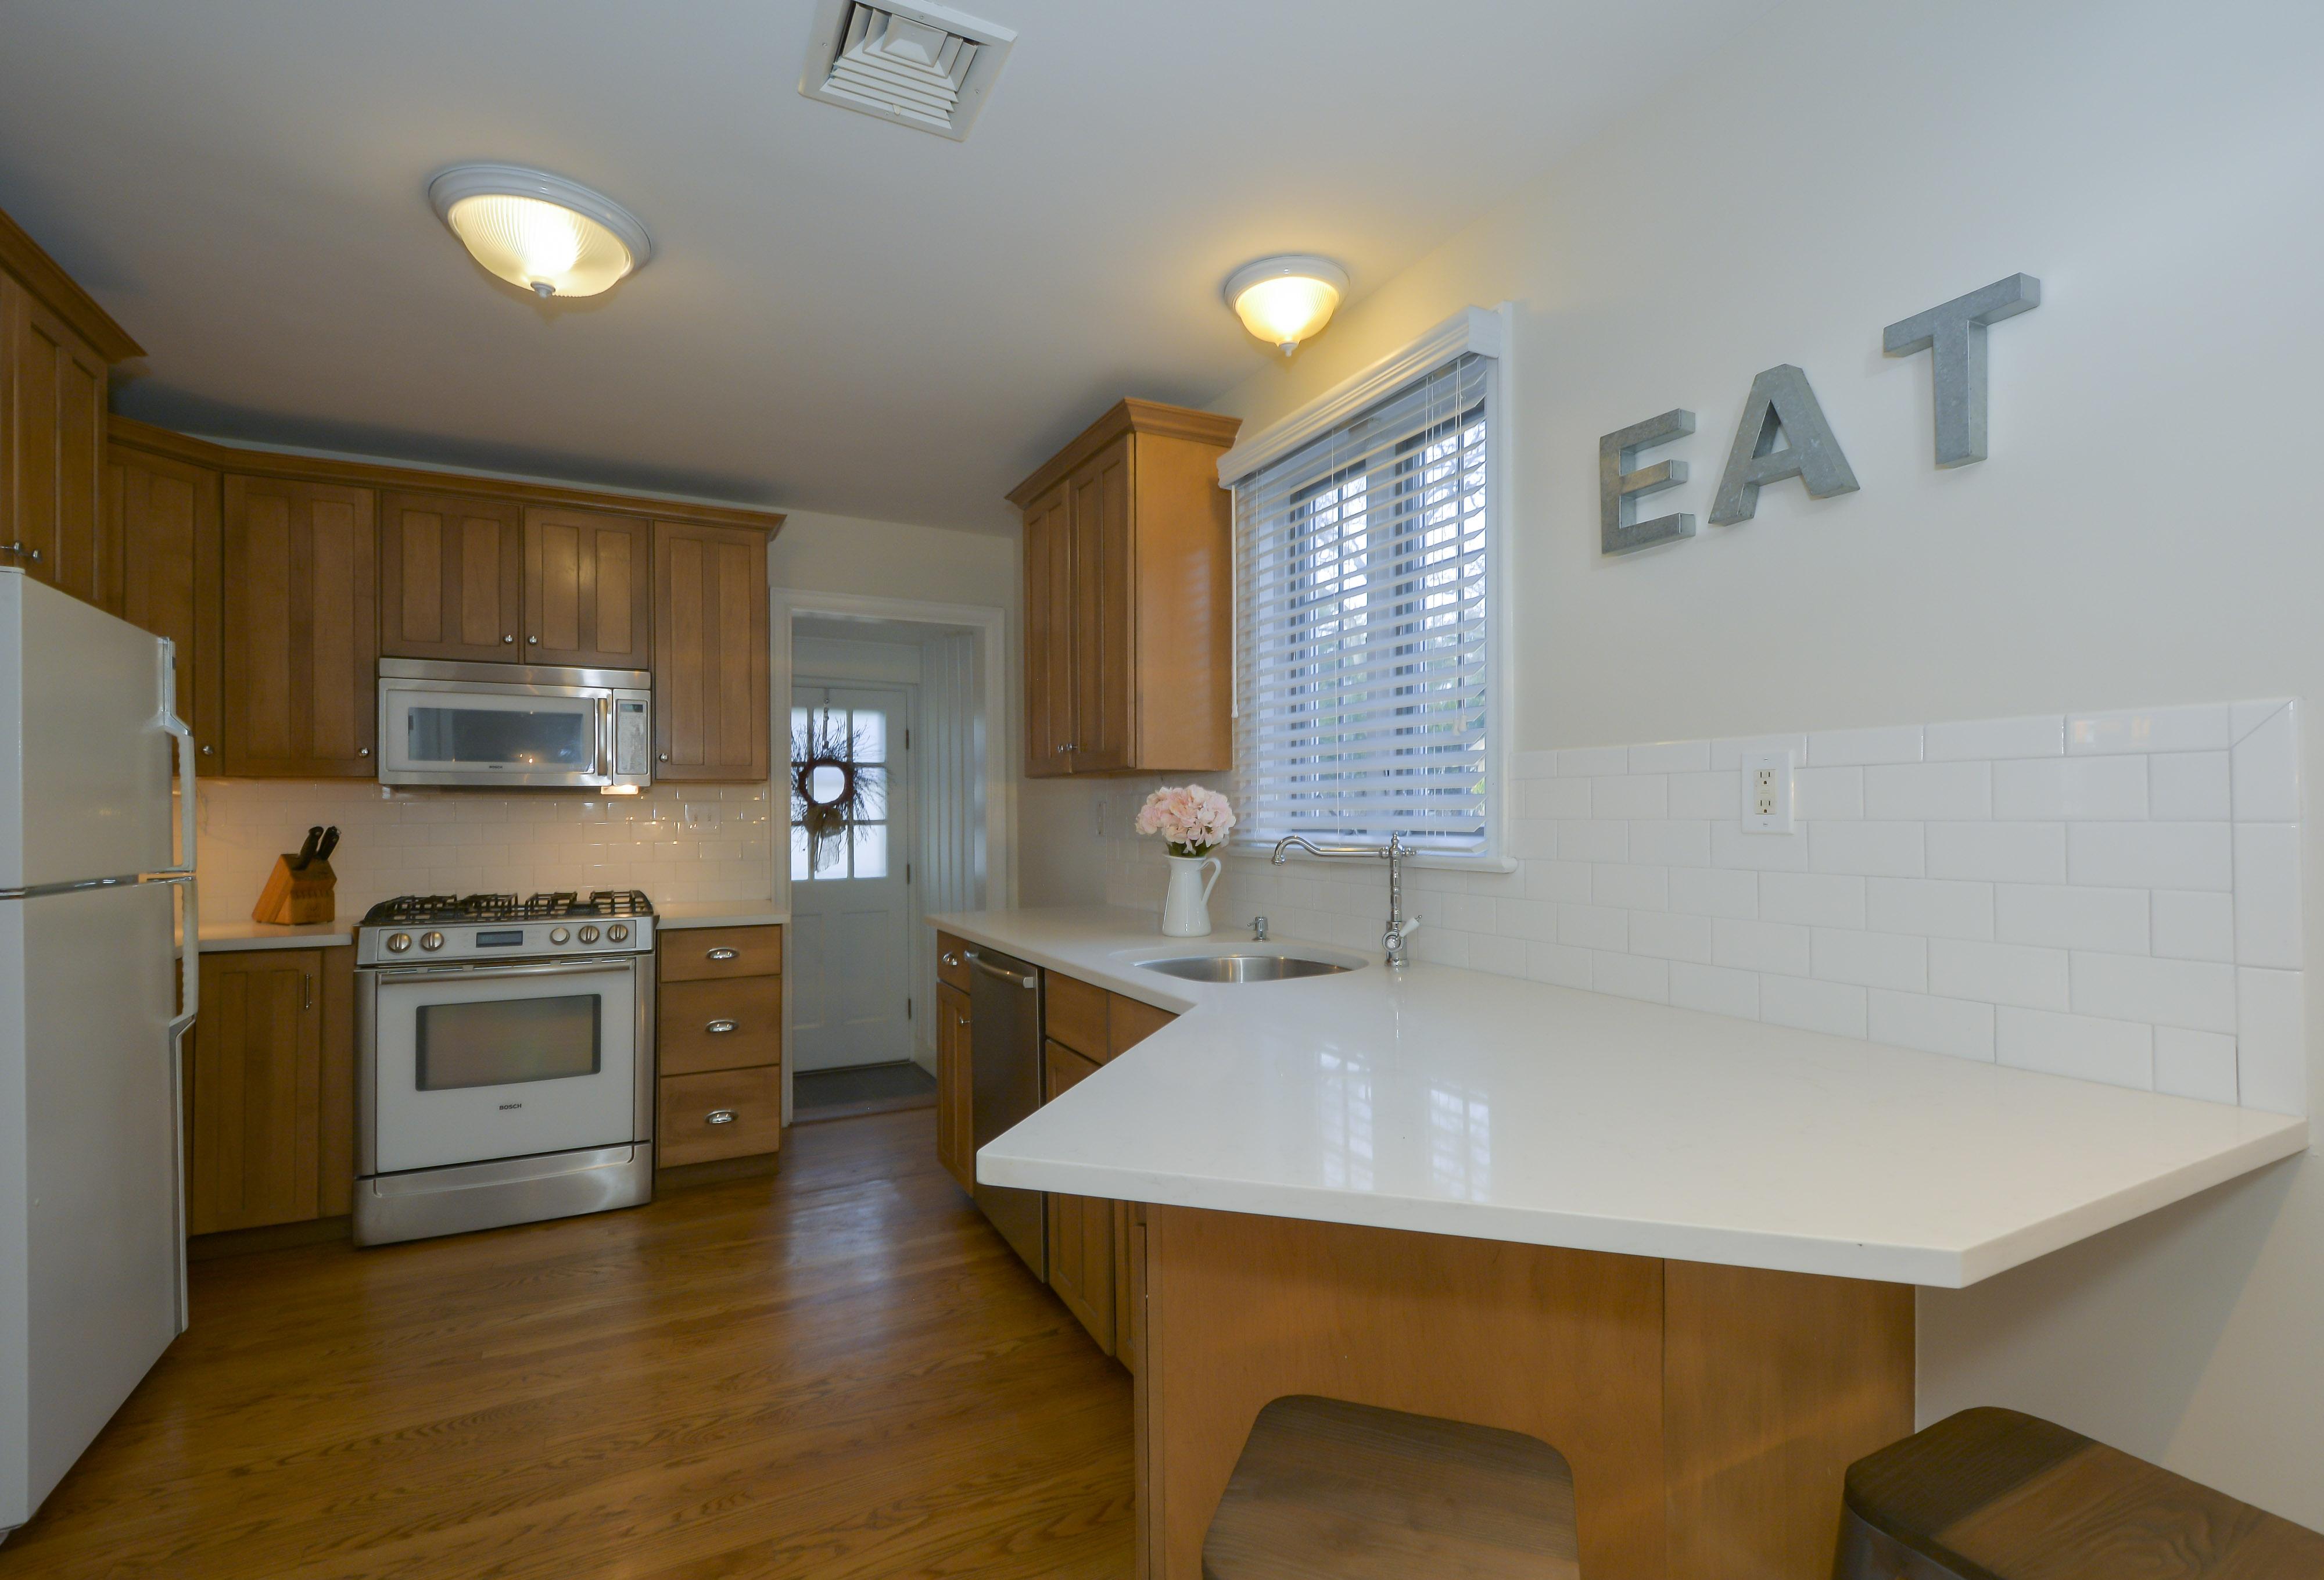 Fotos gratis : piso, casa, cabaña, cocina, propiedad, habitación ...